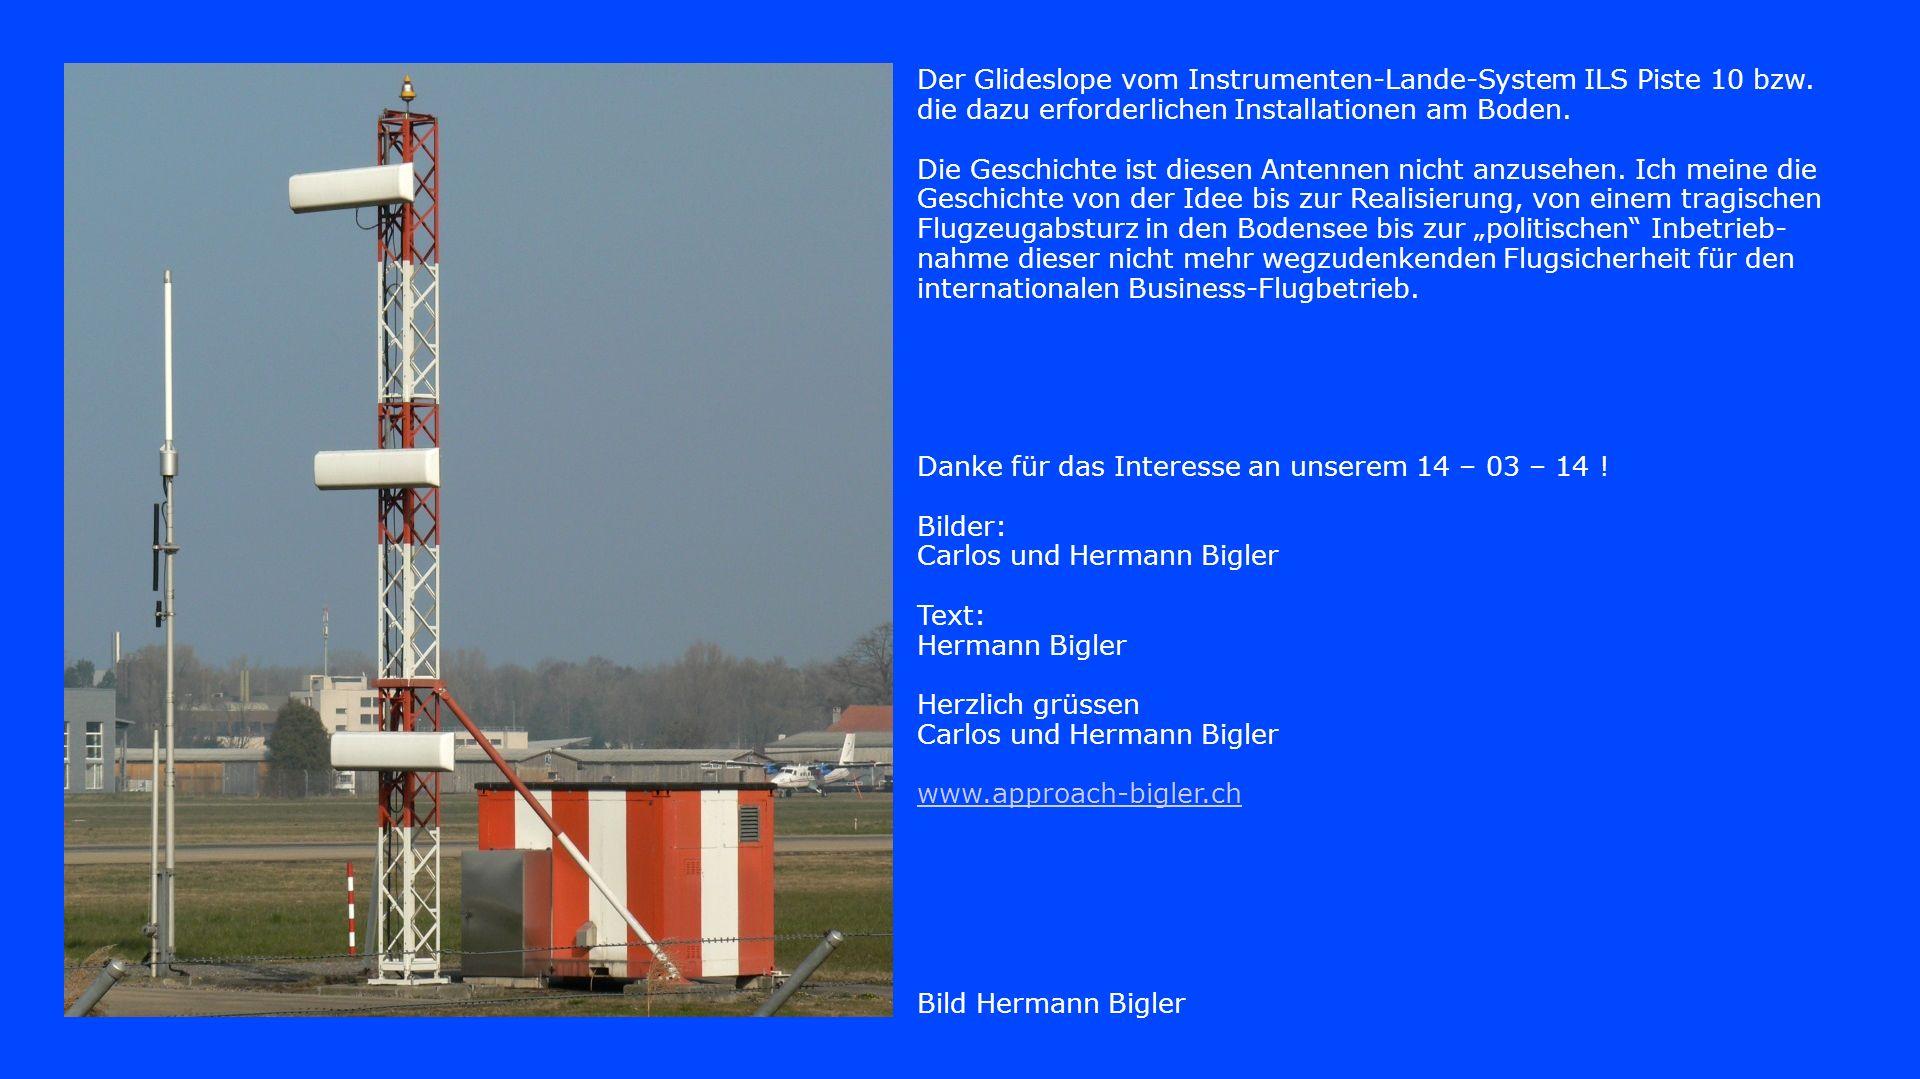 Bild Hermann Bigler Der Glideslope vom Instrumenten-Lande-System ILS Piste 10 bzw.